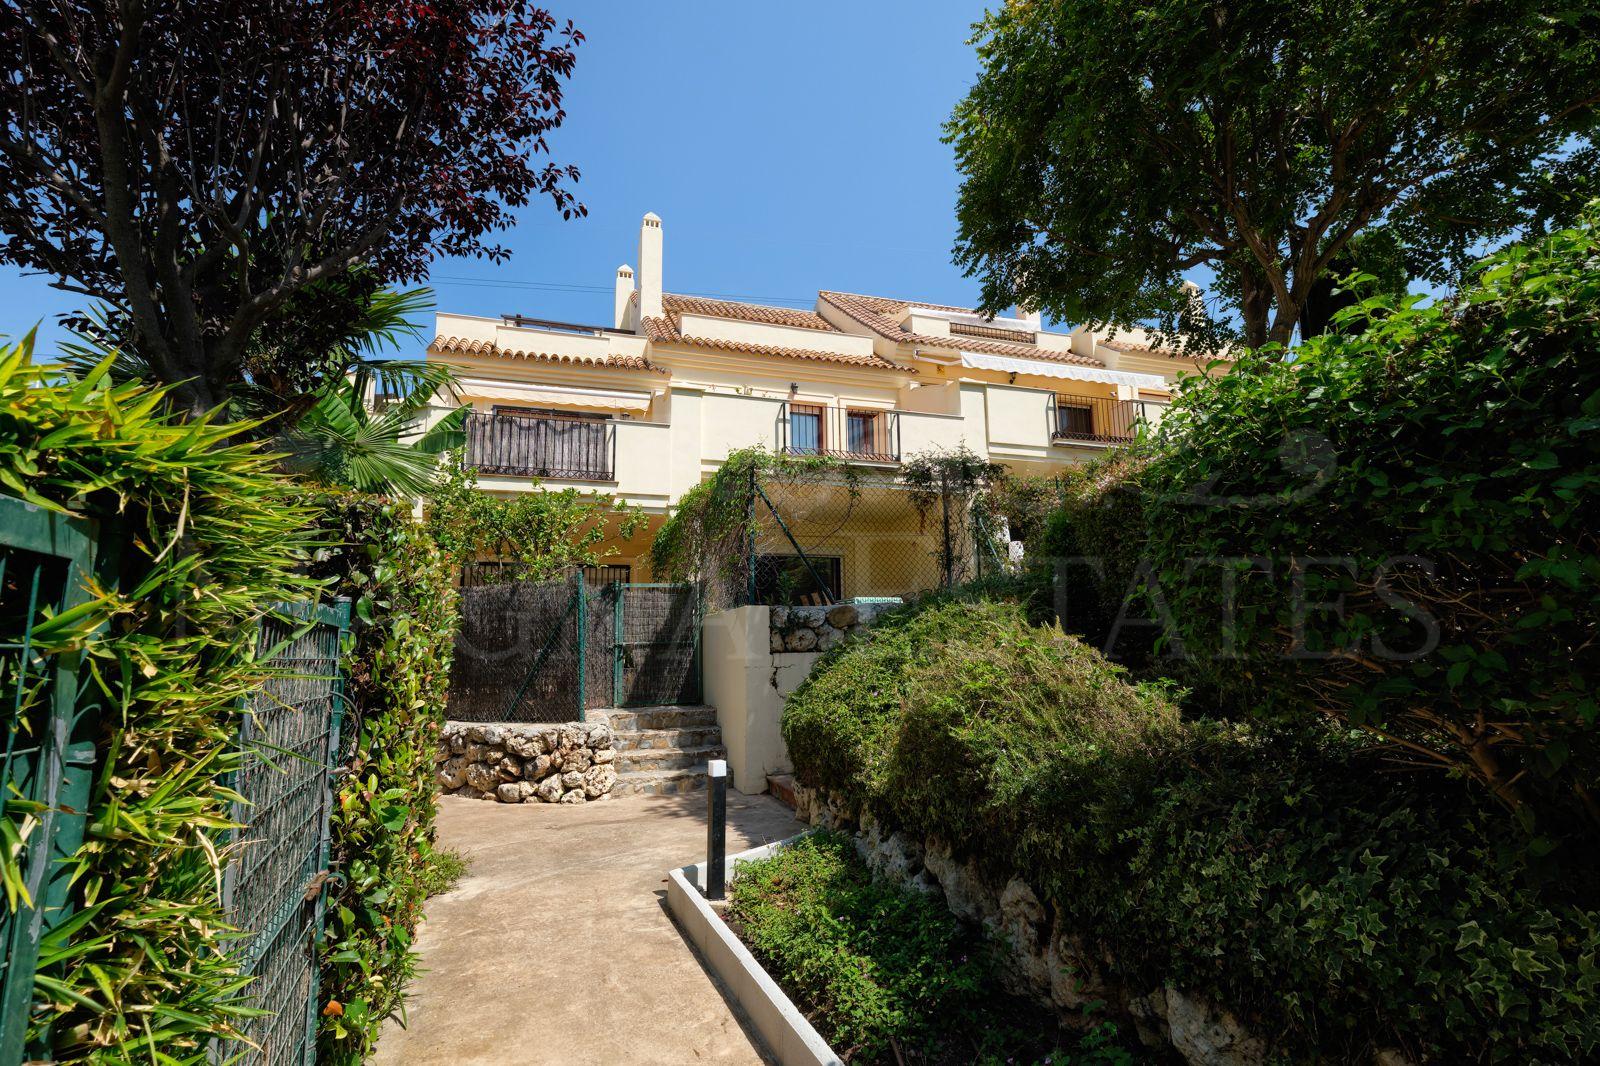 Townhouse in Hacienda El Palmeral, in Nueva Andalucía, Marbella